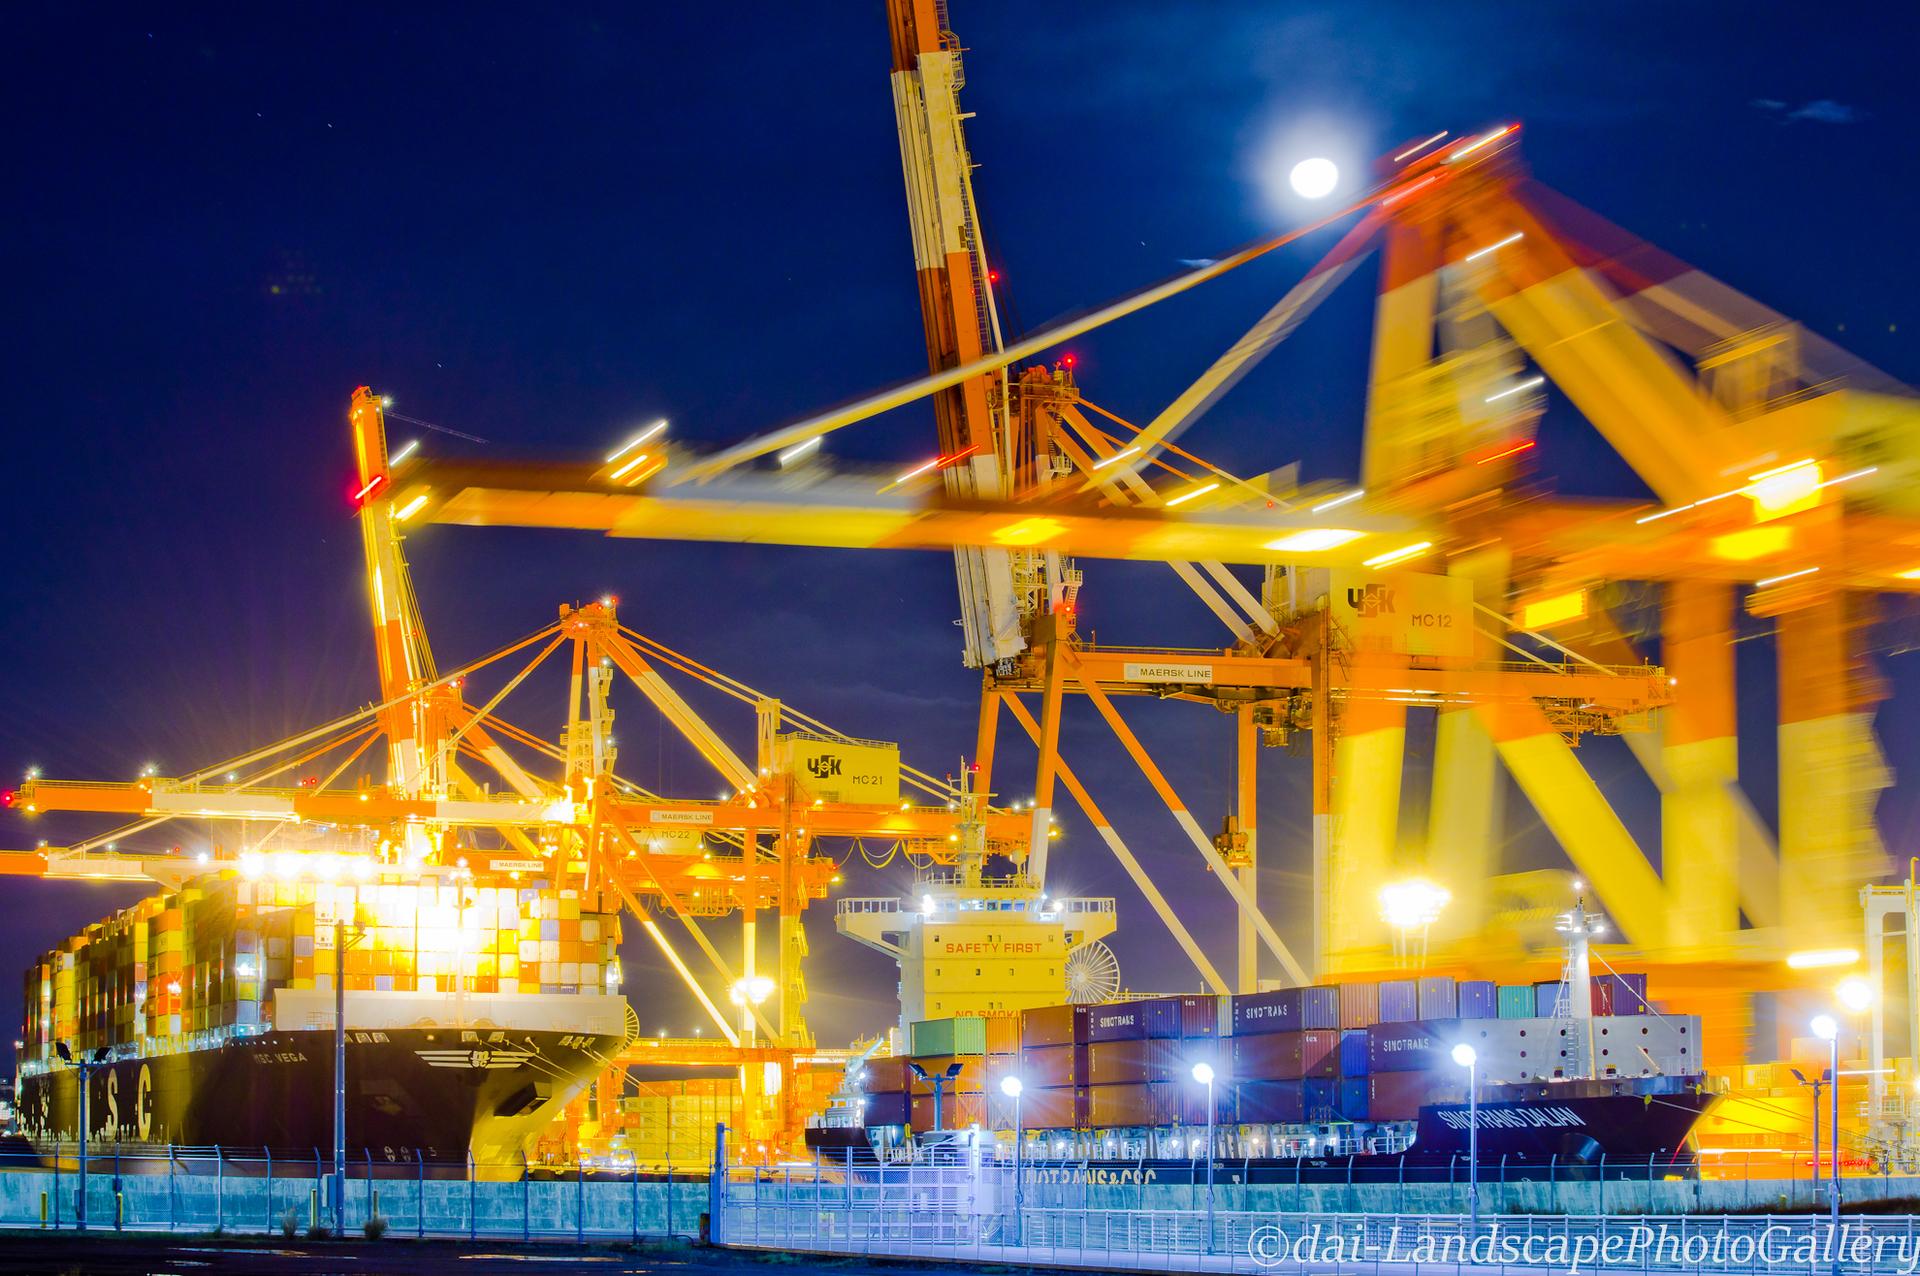 夜の南本牧ふ頭コンテナターミナル